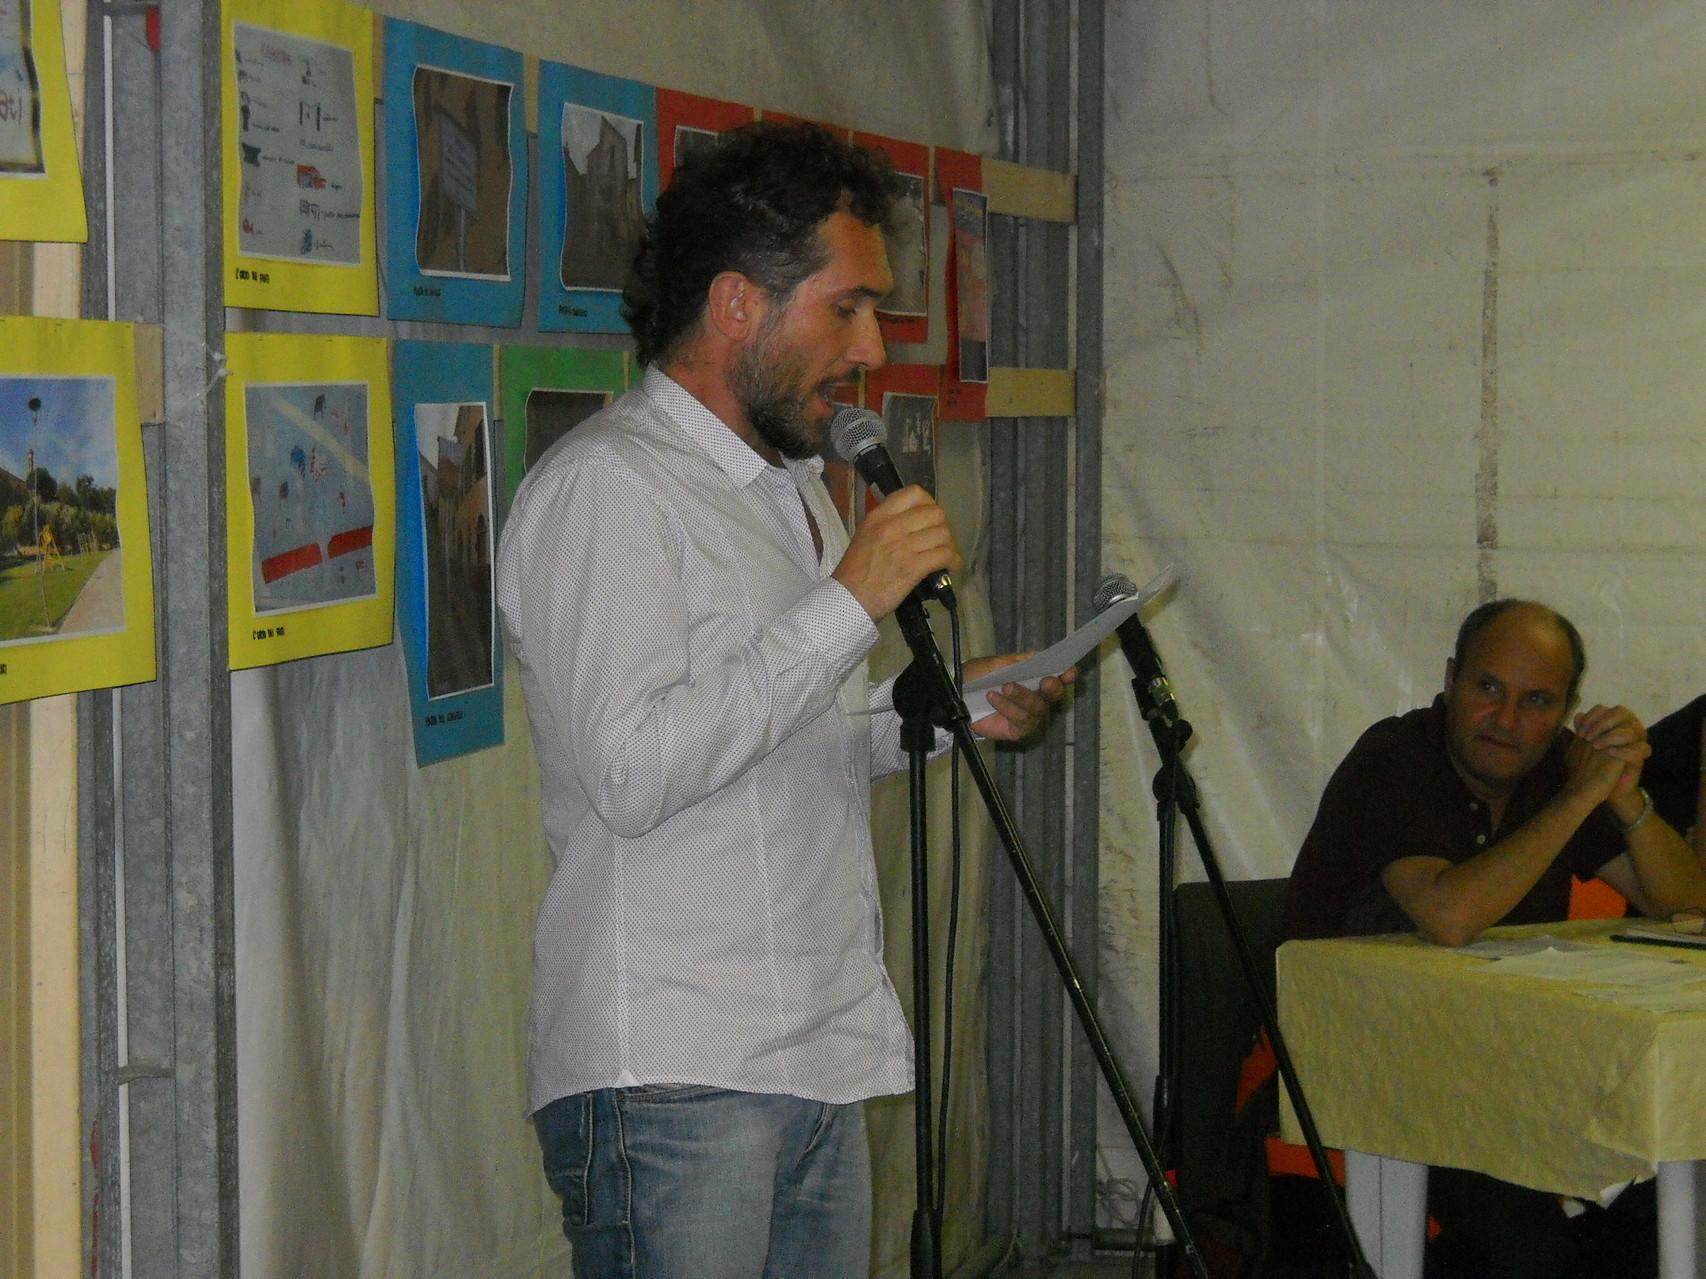 L'attore Daniele Gargano del Teatro dell'Aglio che interpreta una poesia tratta dal libro dell'autrice.